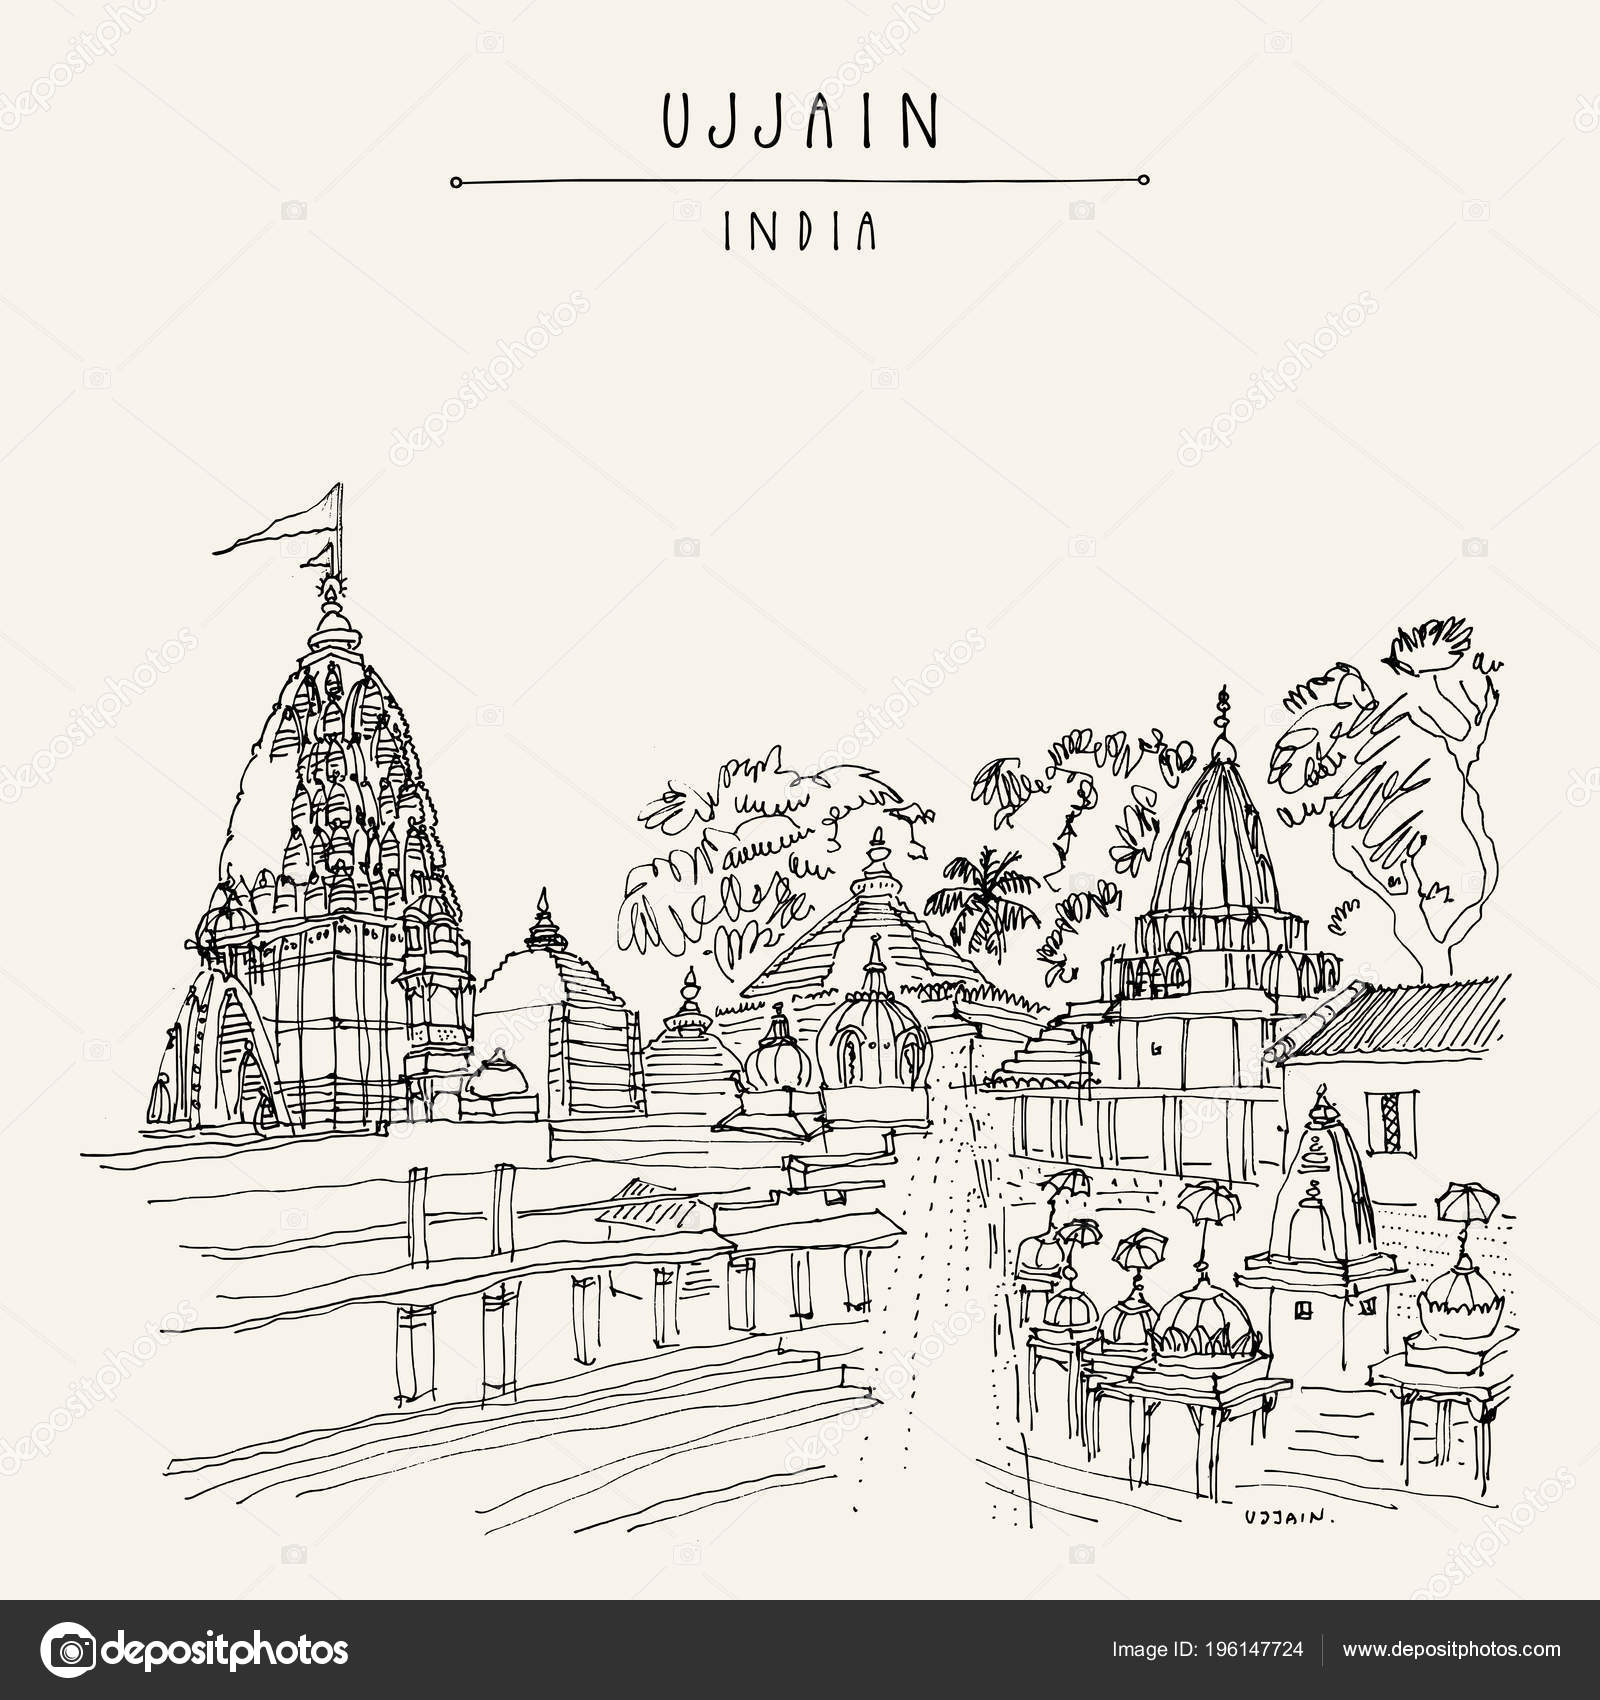 Mahakal drawing